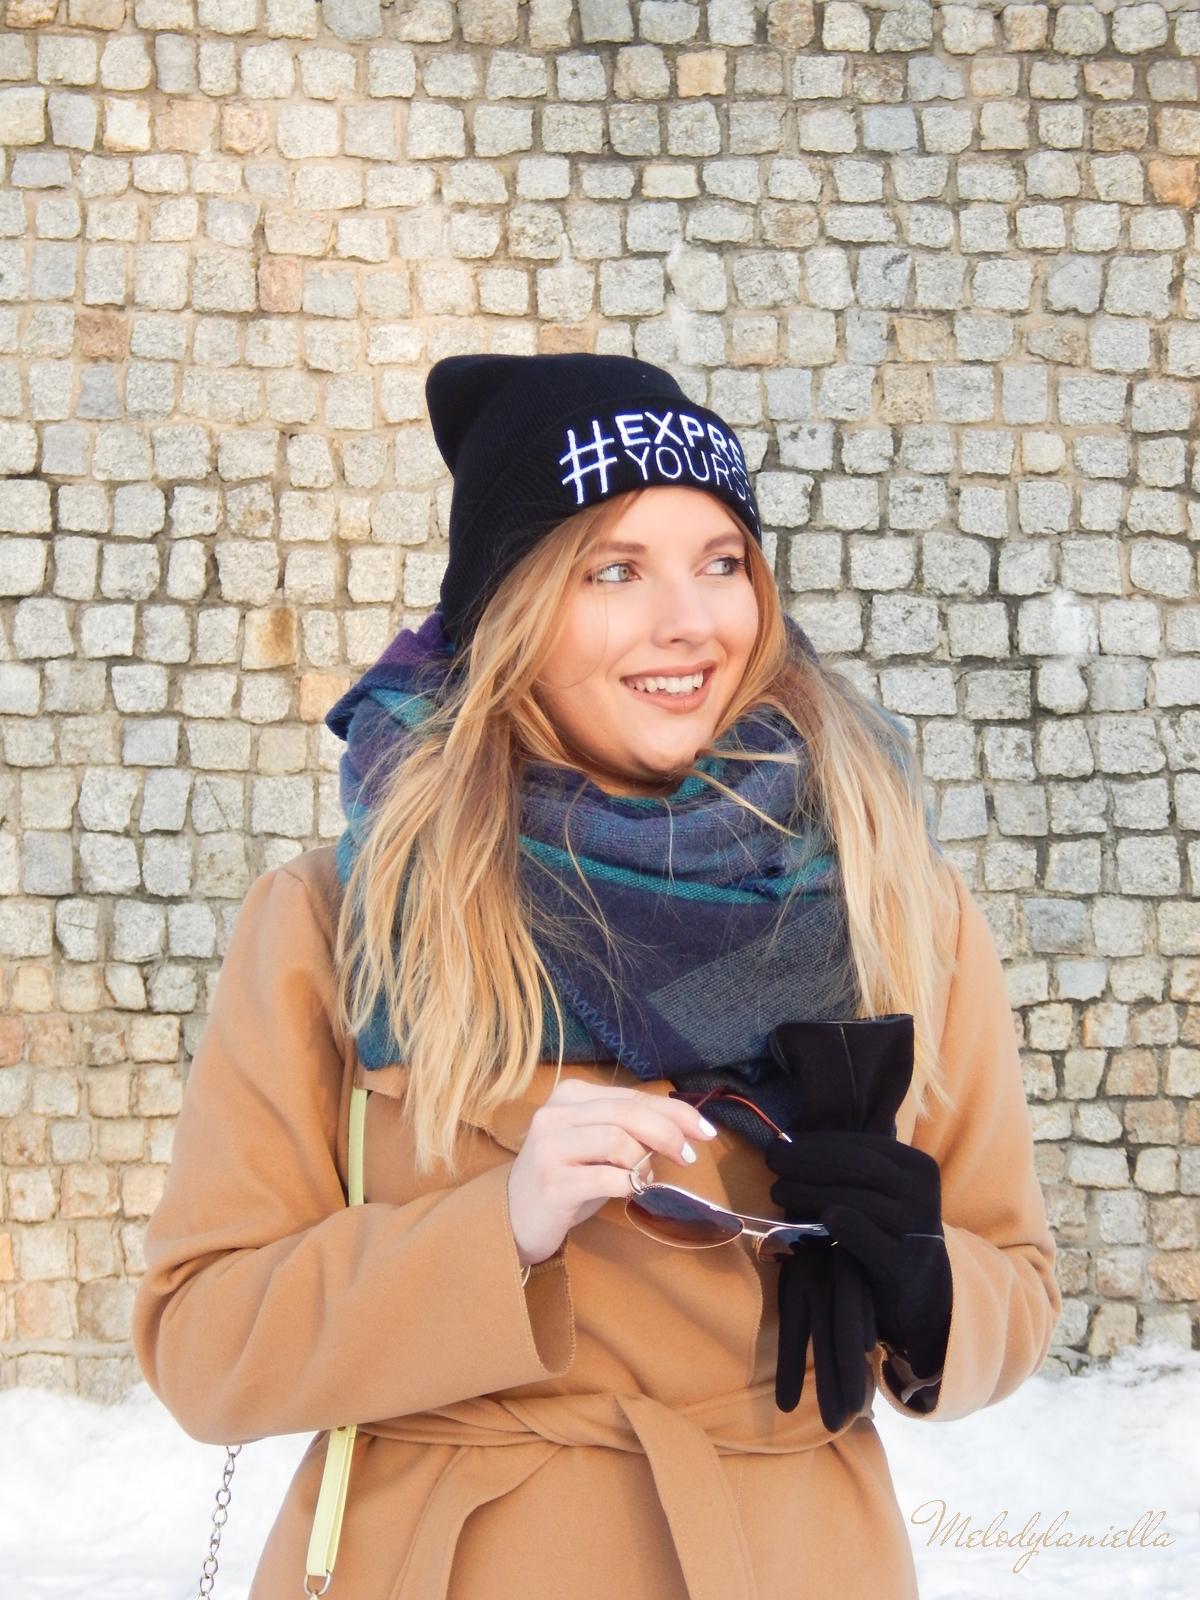 2 melodylaniella wełniany piaskowy beżowy karmelowy wielbłądzi płaszcz stylizacja na zimę białe dodatki torebka manzana trapery deichmann czepka bellissima duży szal okulary dziewczyna influencer